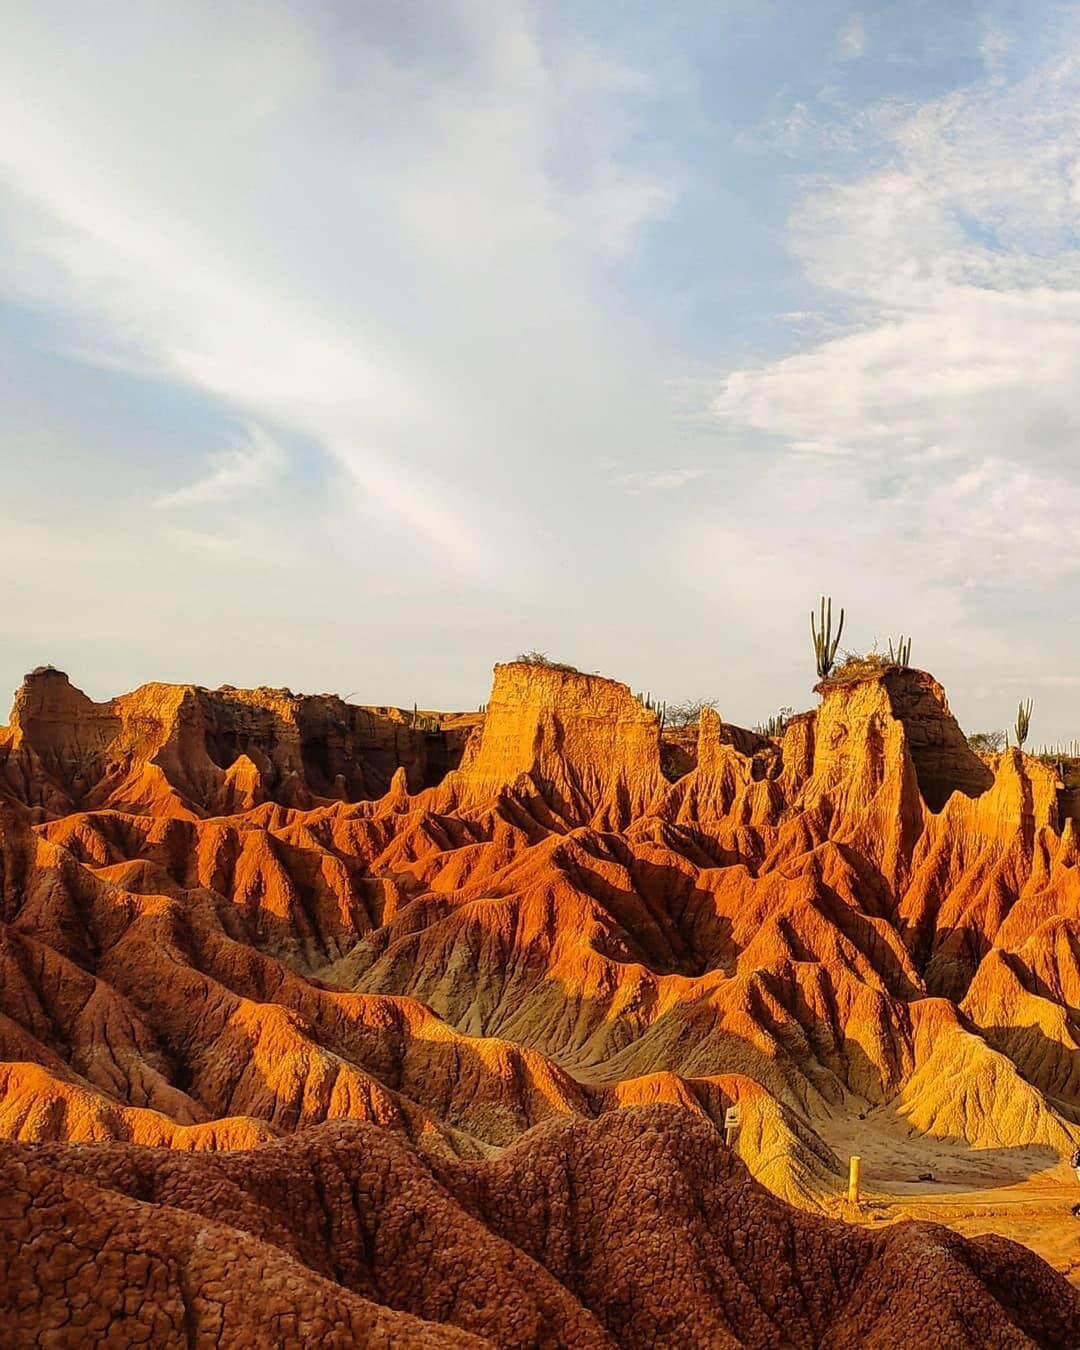 Where is the Tatacoa desert